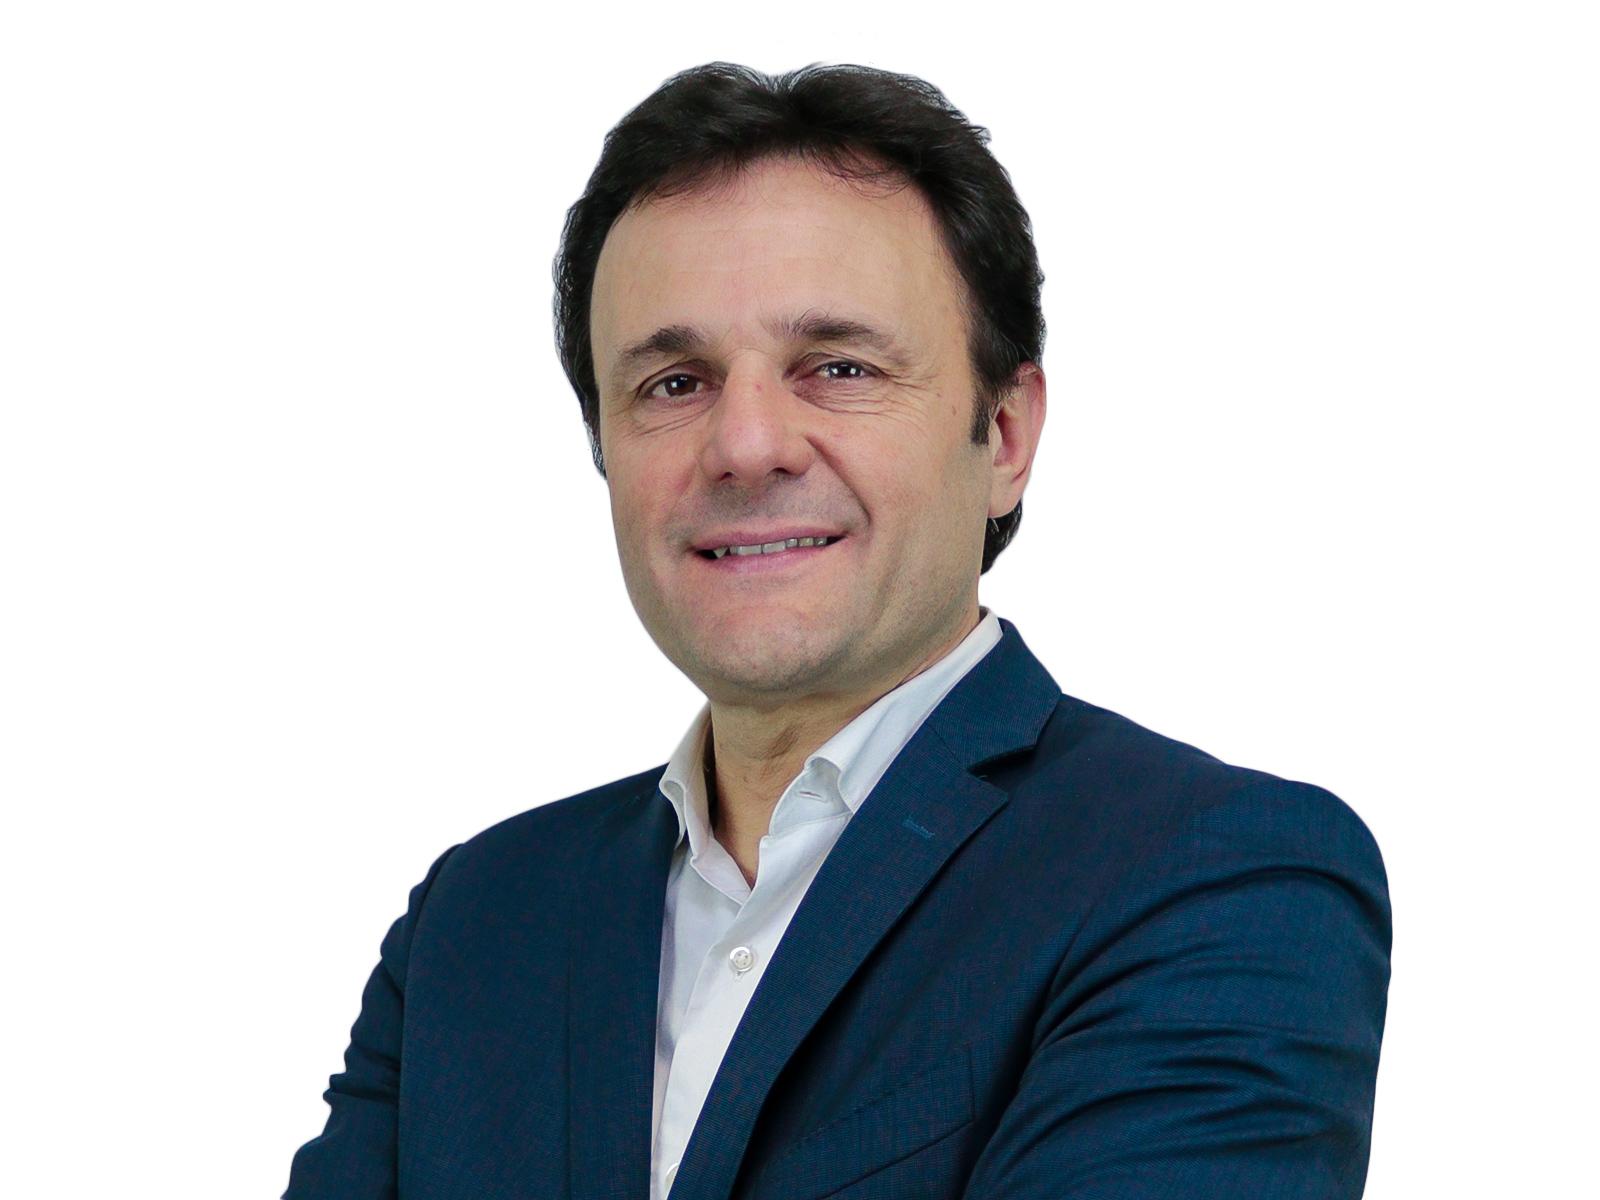 Giancarlo Mariani